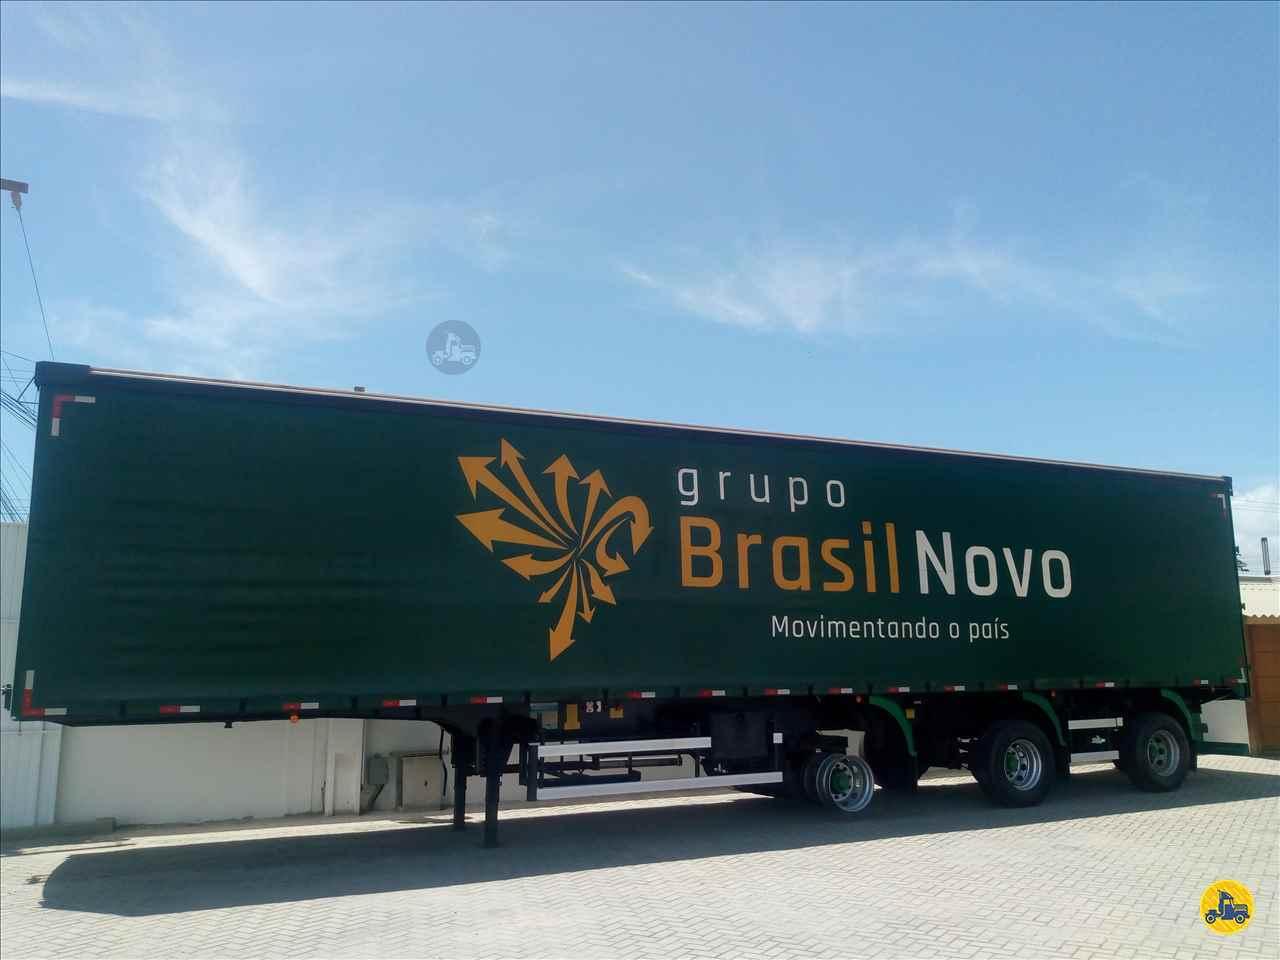 CARRETA SEMI-REBOQUE BAU SIDER Reta Brasil Novo Seminovos TIJUCAS SANTA CATARINA SC